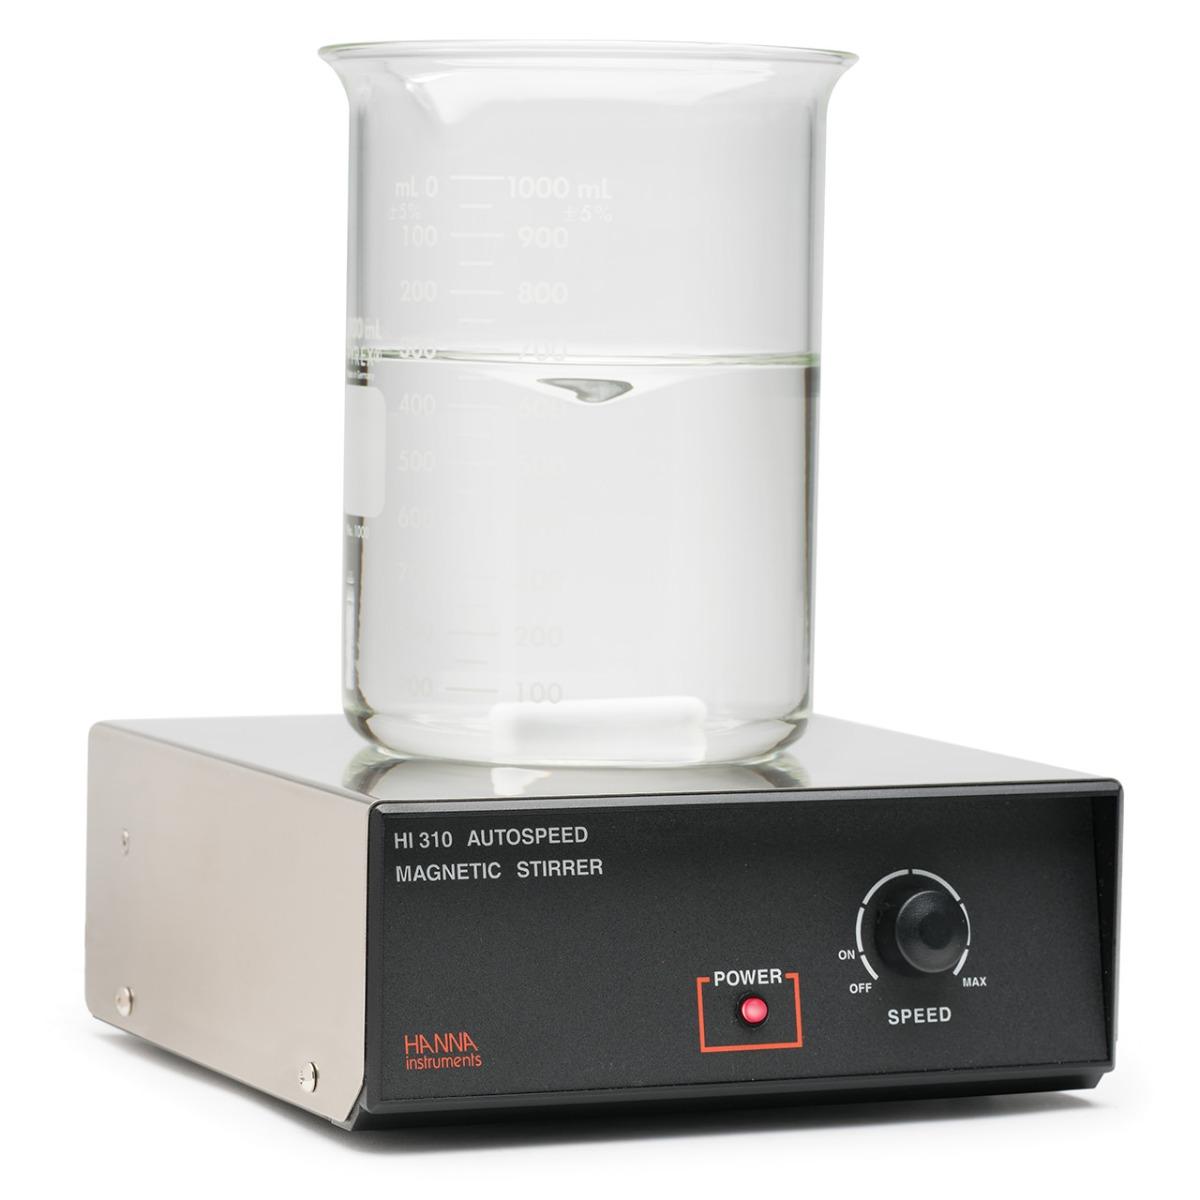 Agitatore magnetico, autocontrollo velocità 200-1000 rpm, per contenitori con volume fino a 5 litri, 230 Vac